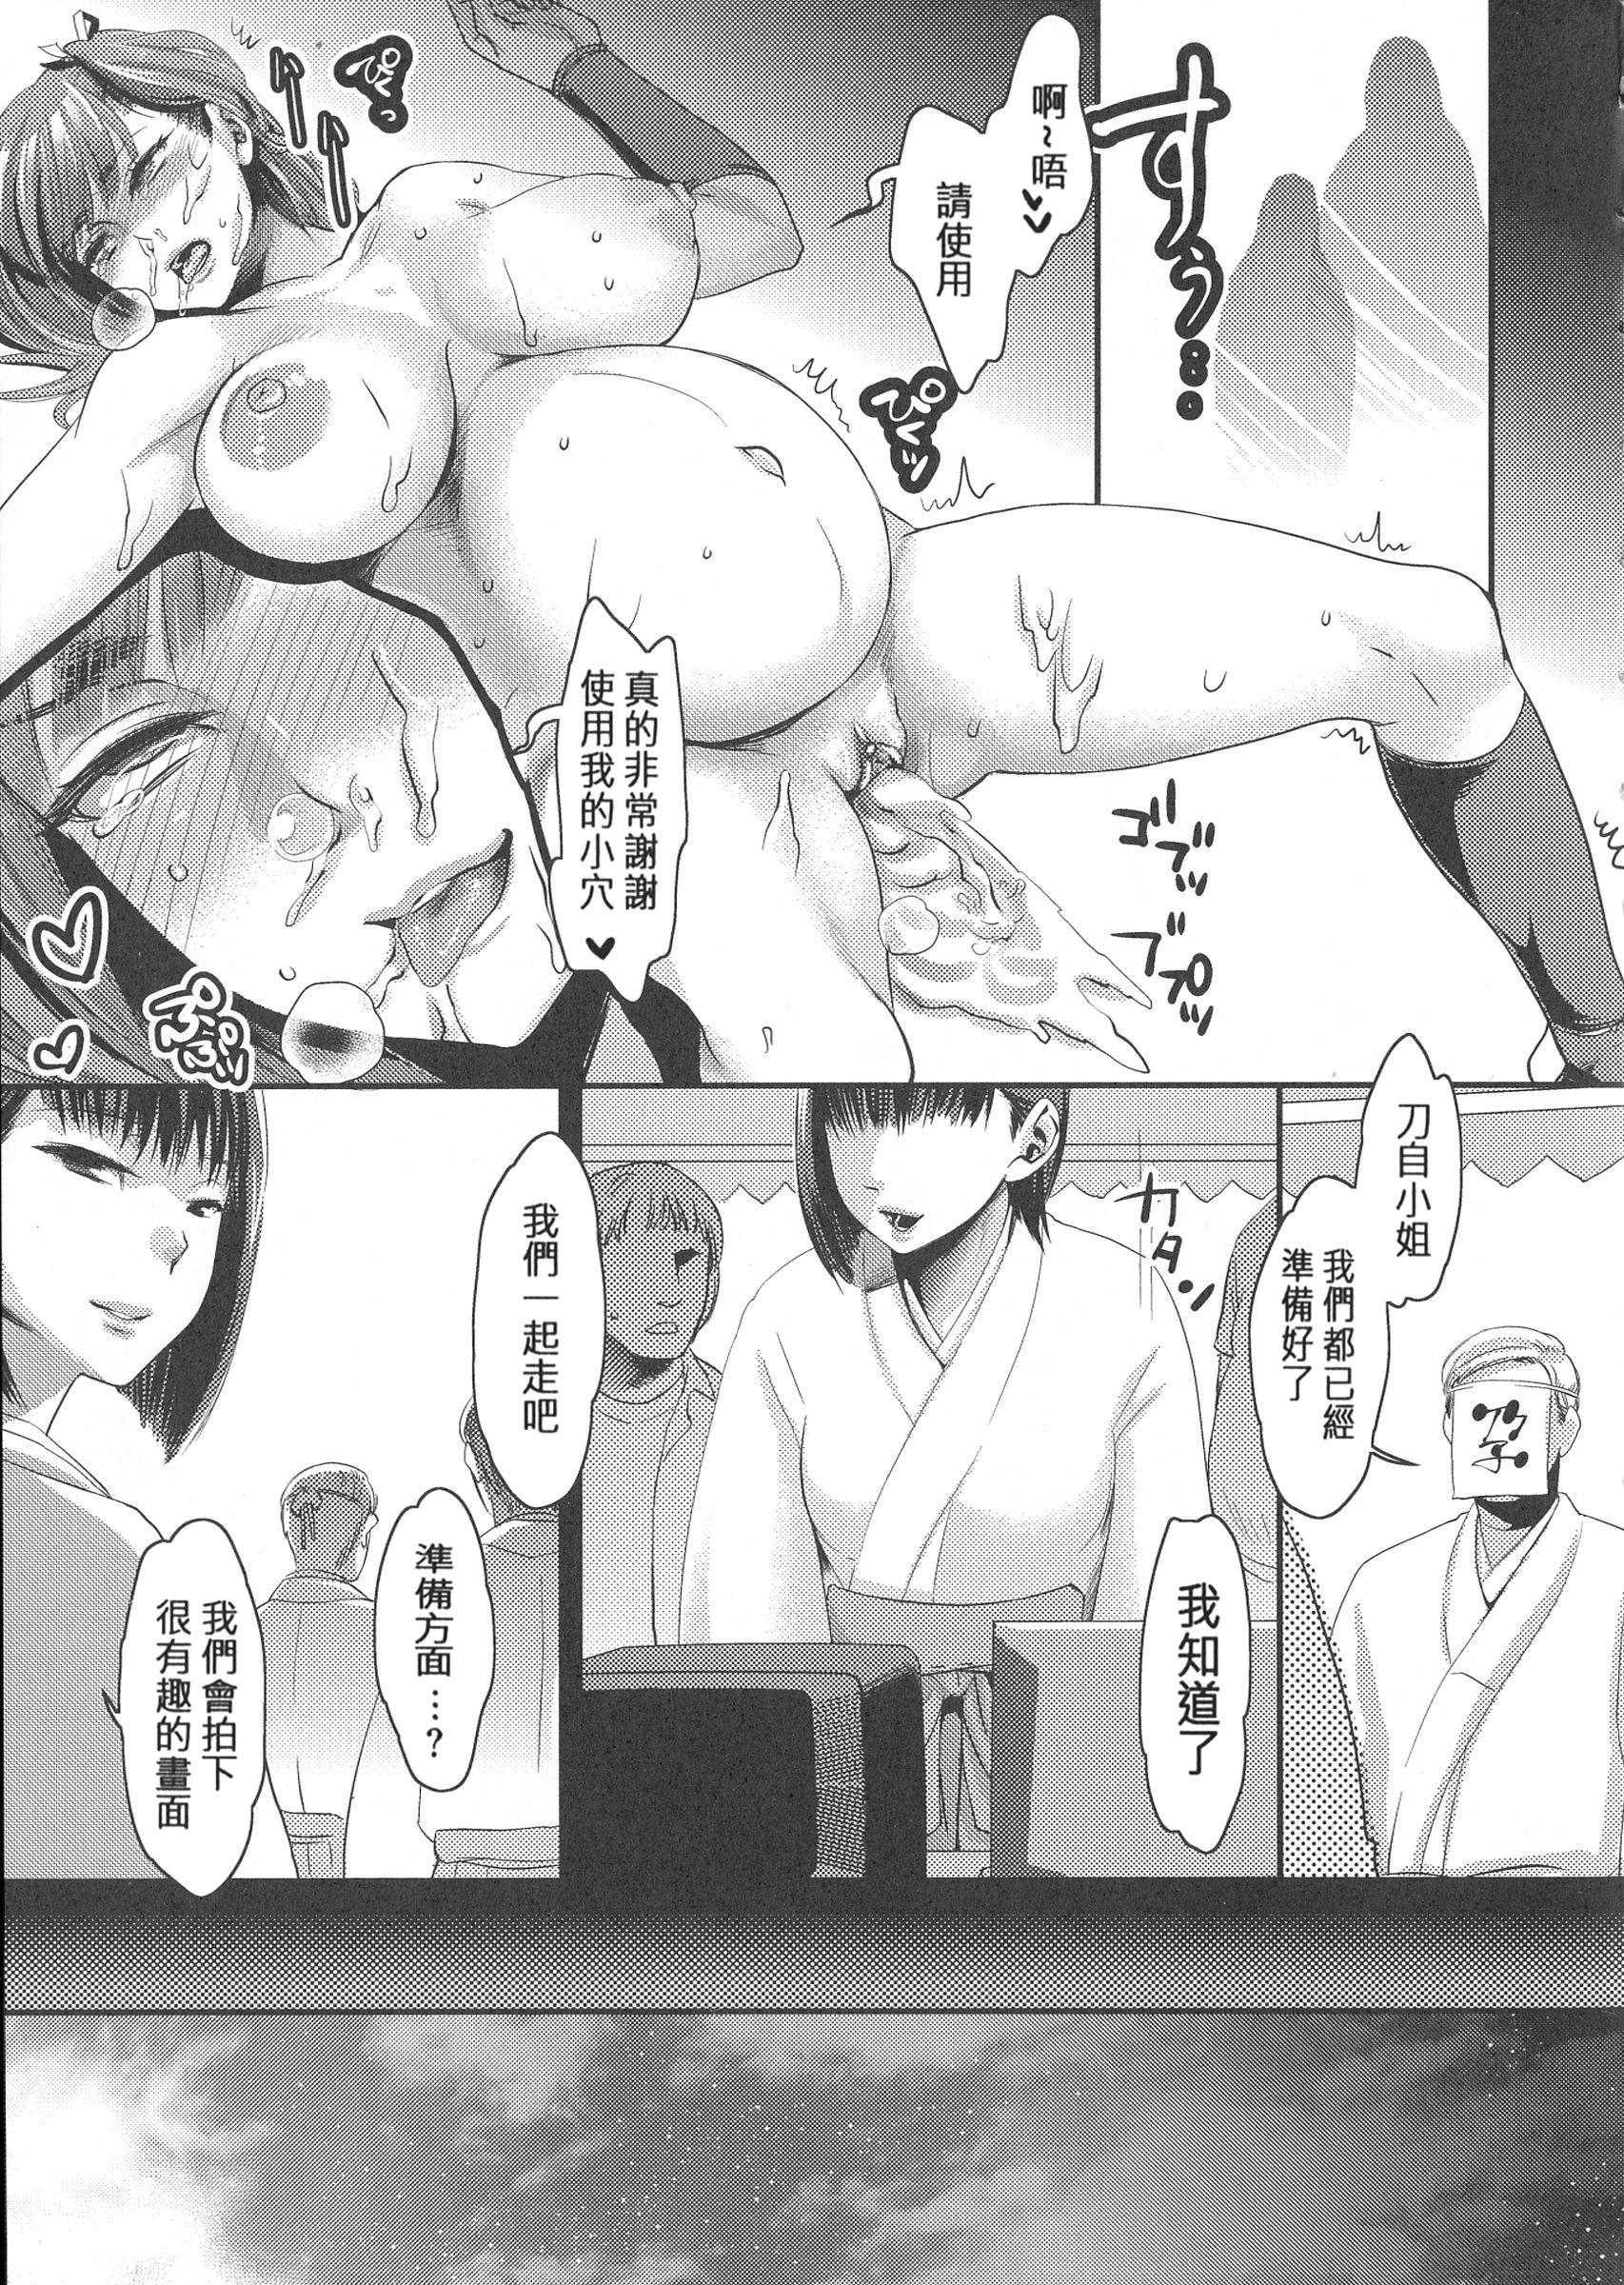 Chouki-sama no Ingyaku Yuugi 184